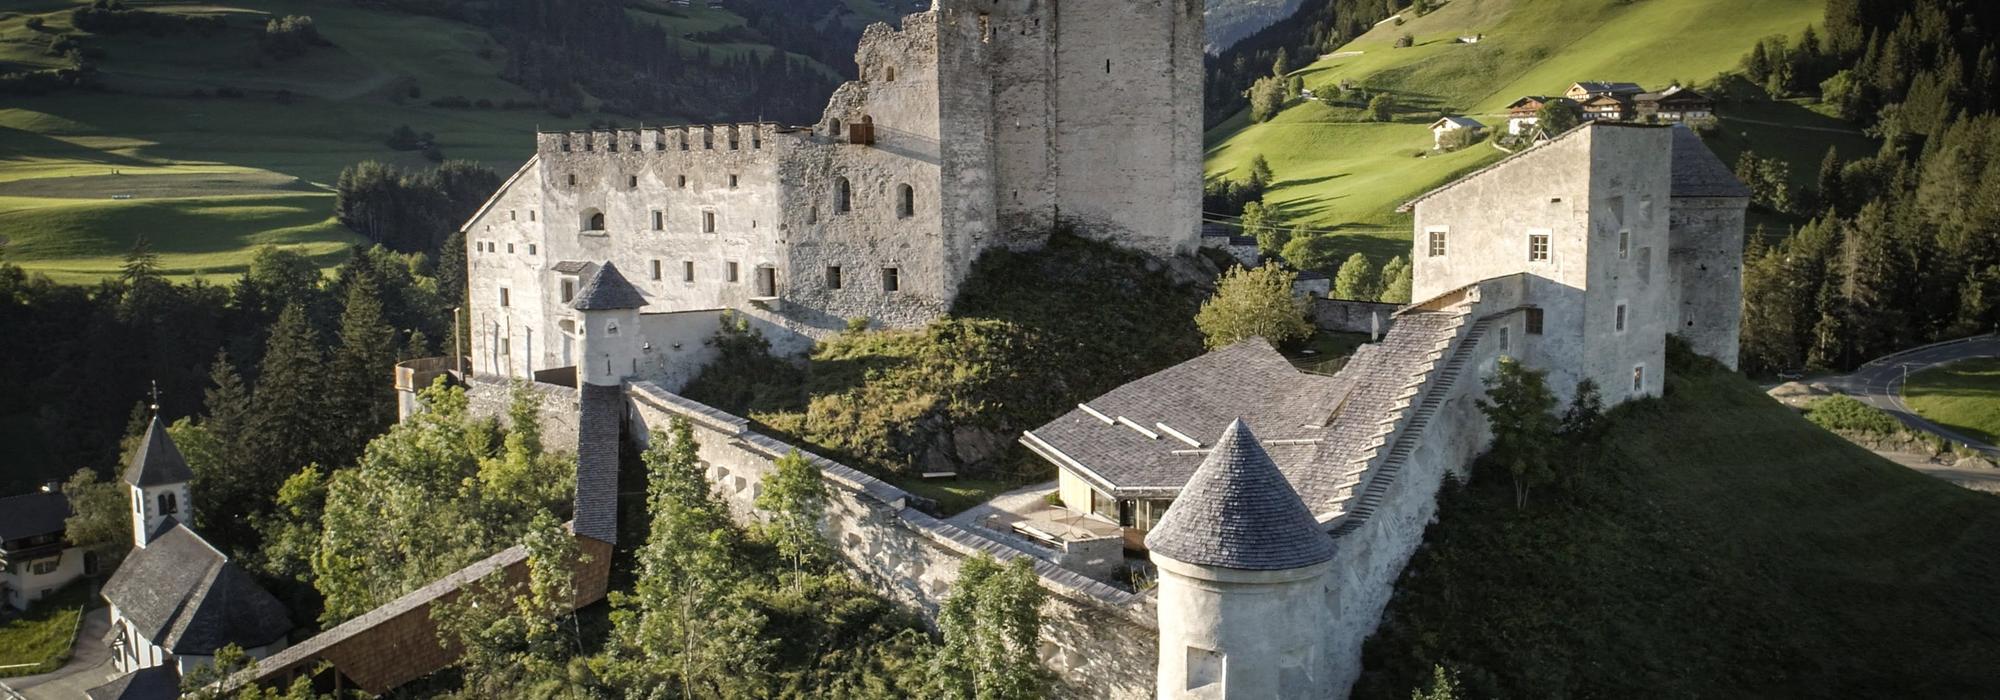 Burg Heinfels Drohnenansicht | © TVB Osttirol / Alexander Zeidler